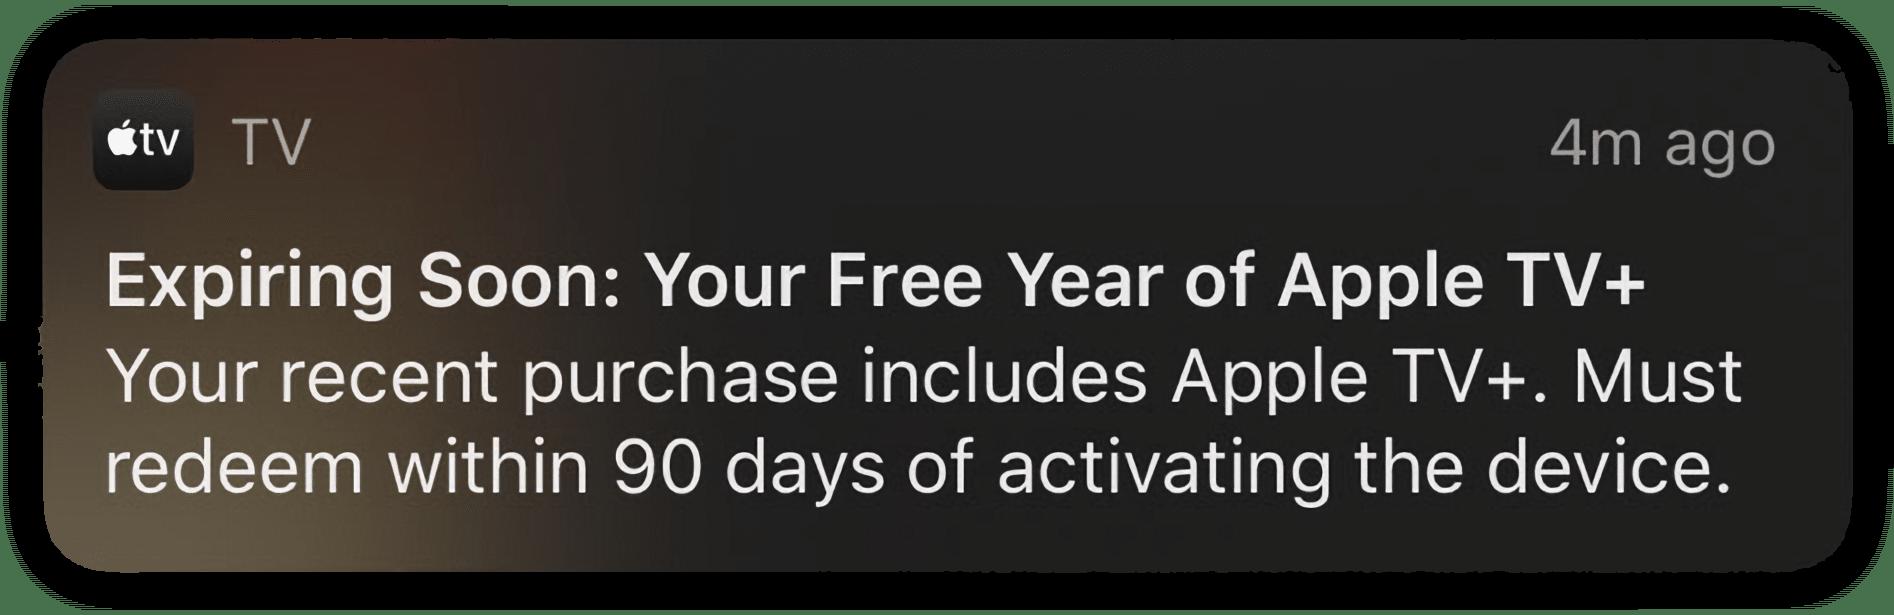 Notificação sobre oferta do Apple TV+